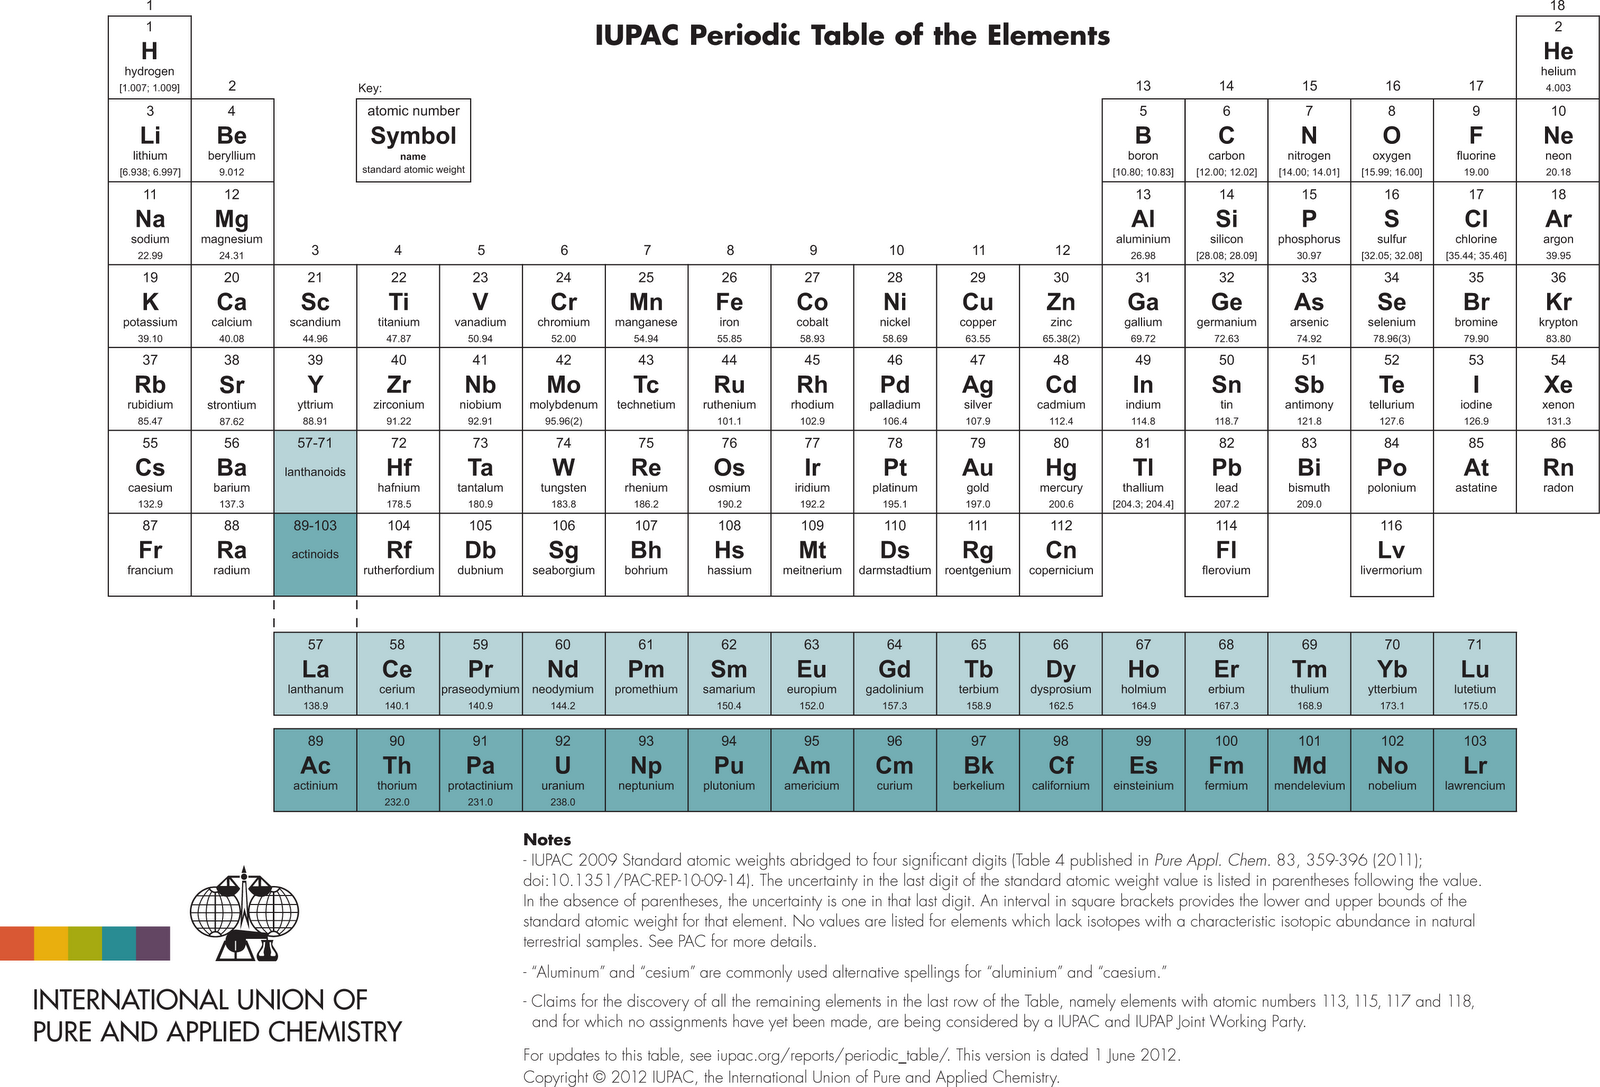 Heavy metal la nueva tabla peridicathe new periodic table esta la nueva tabla peridica incorporando los dos ltimos nombres y smbolos aprobados por la iupac el 30 de mayo de 2012 urtaz Gallery